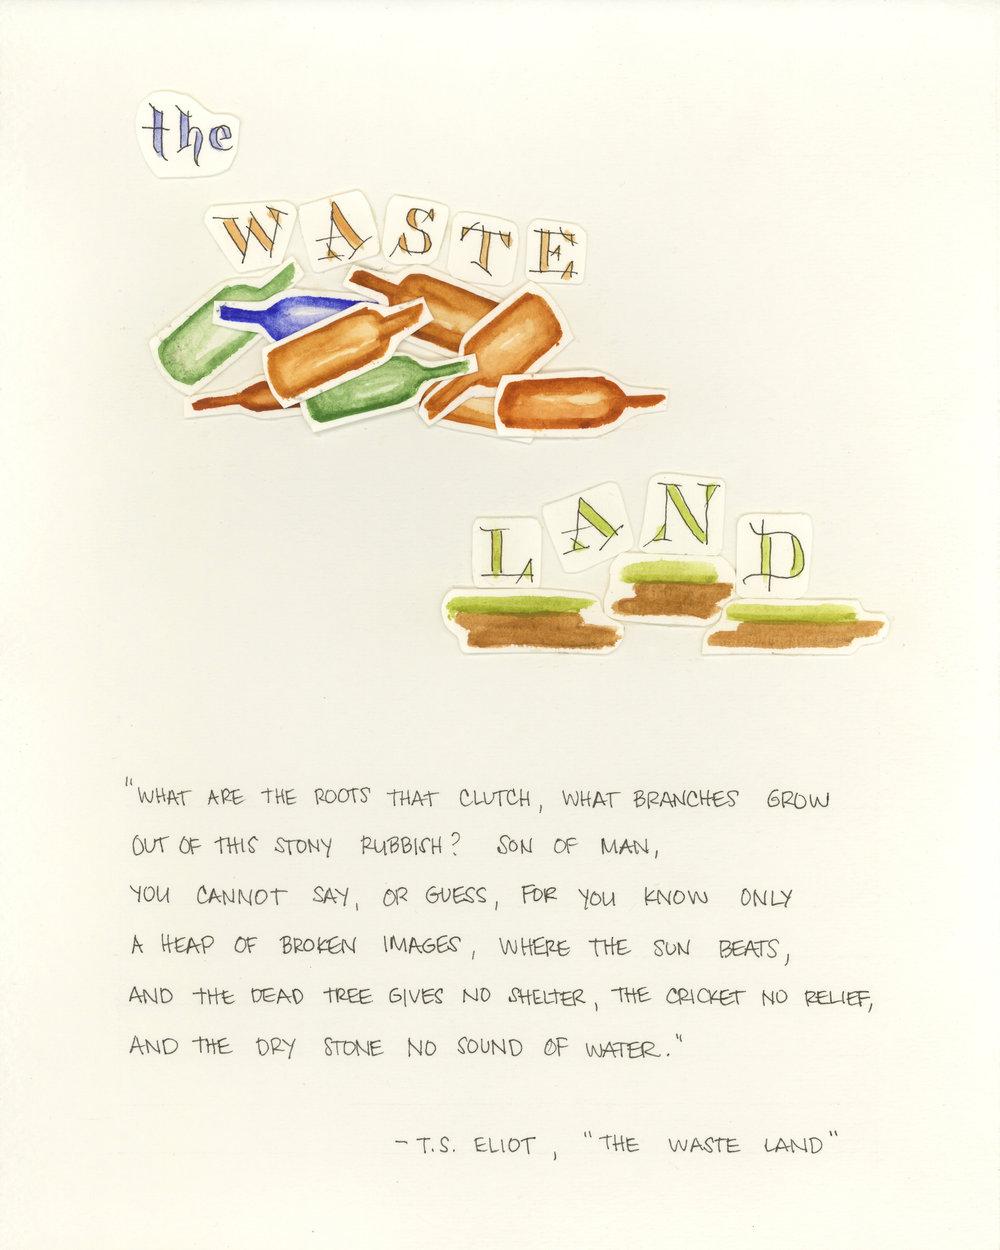 waste land title_.jpg